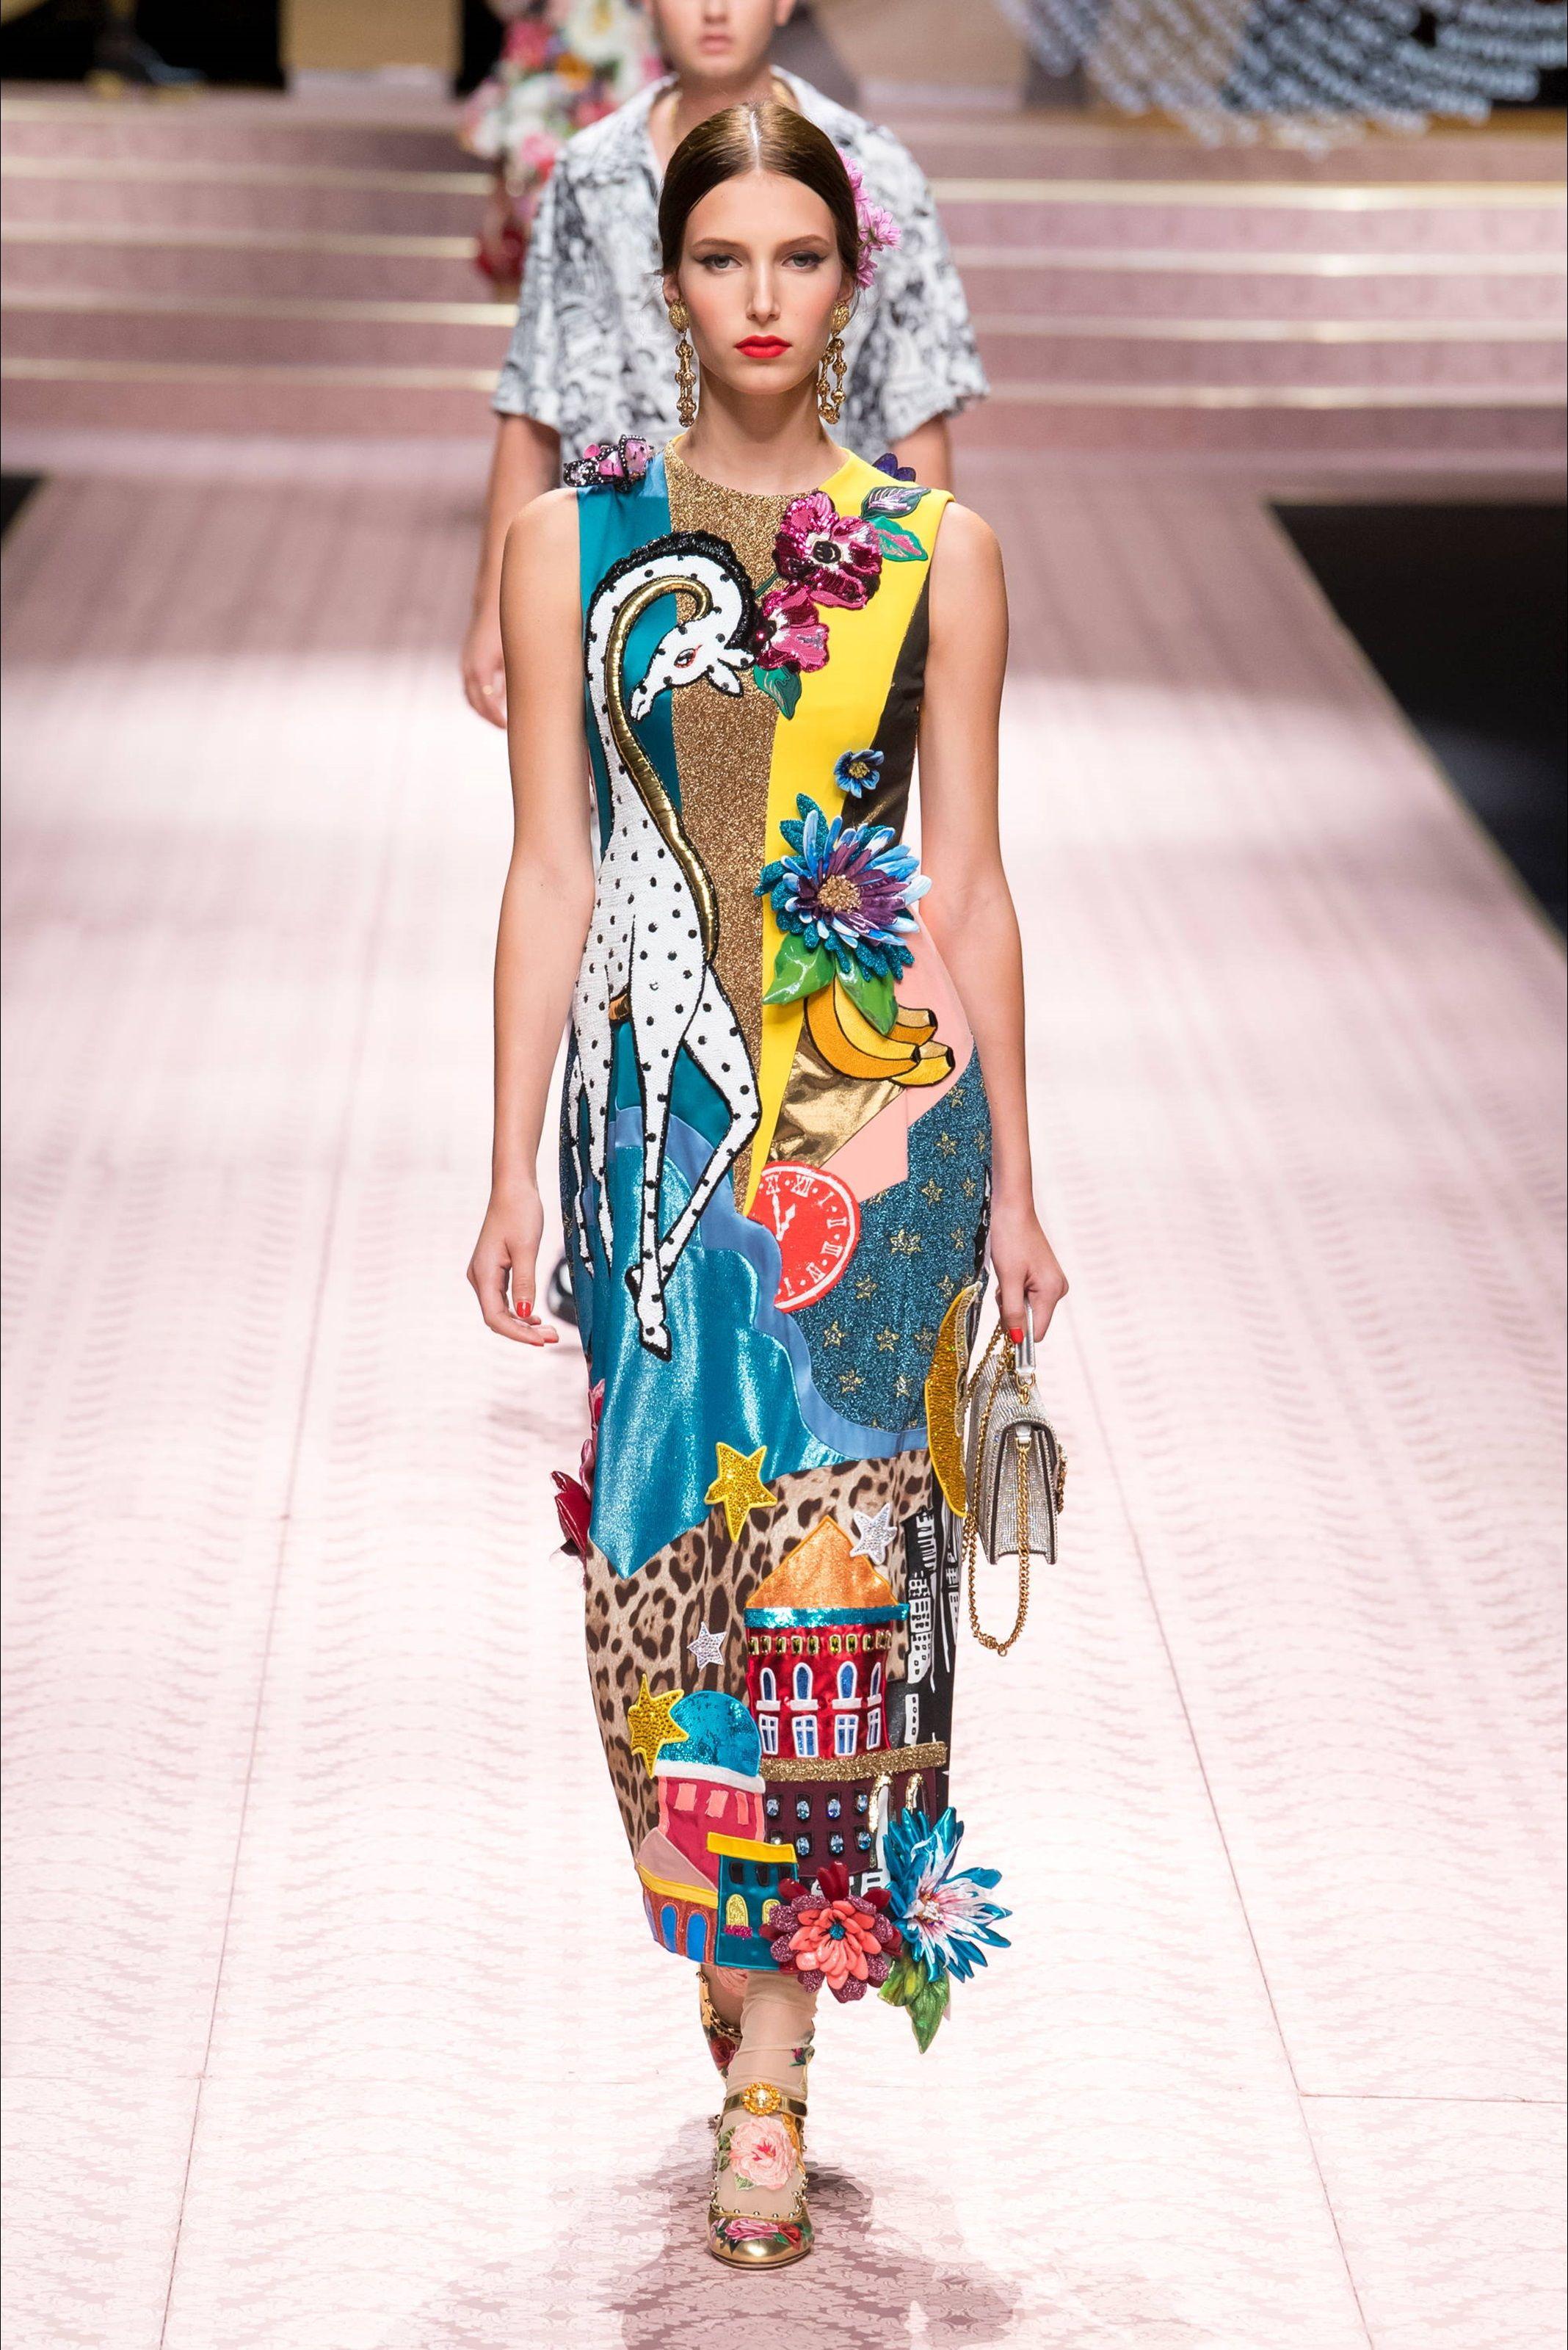 Gabbana Primavera Collezioni Sfilata Estate 2019 Milano Dolceamp; kiZOTPXu